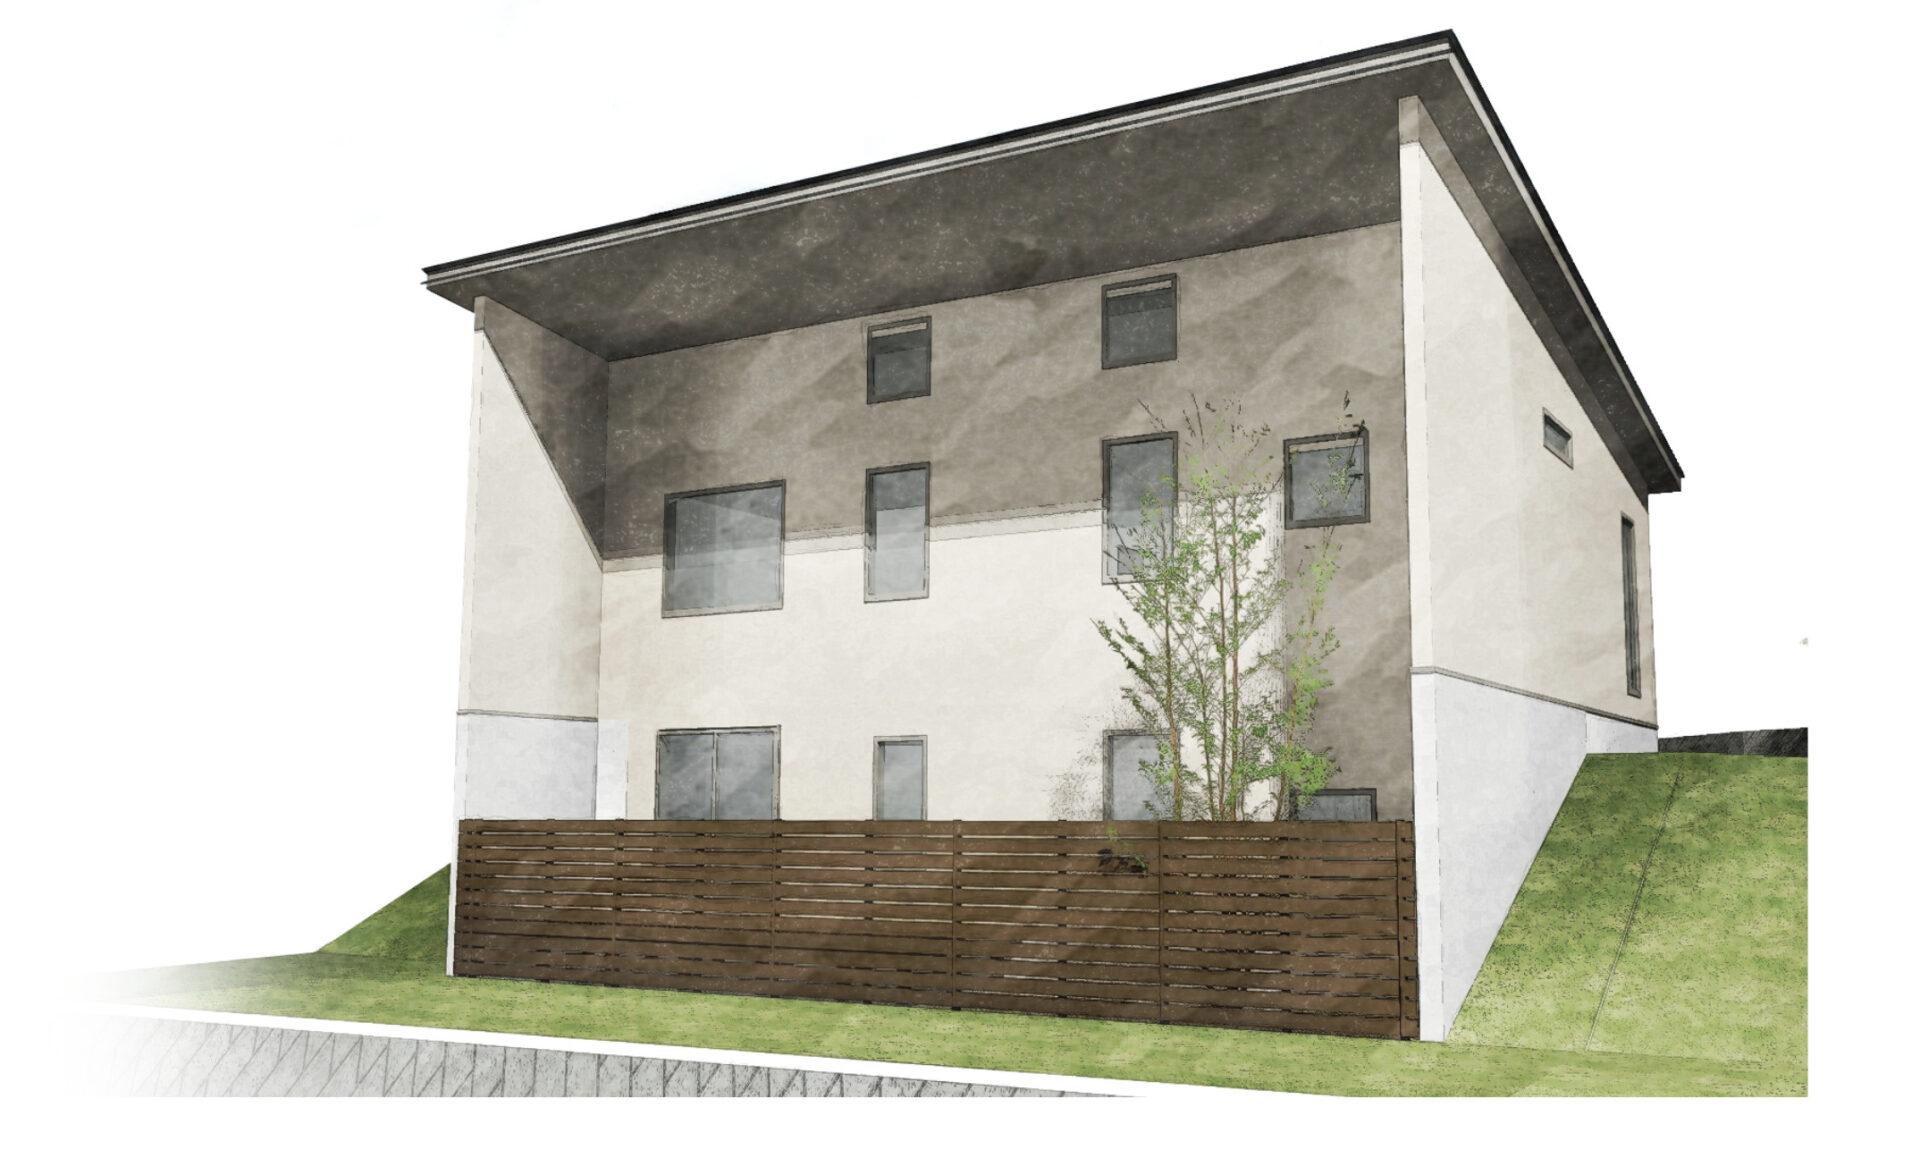 坂道に建つ建物をイメージしたパース